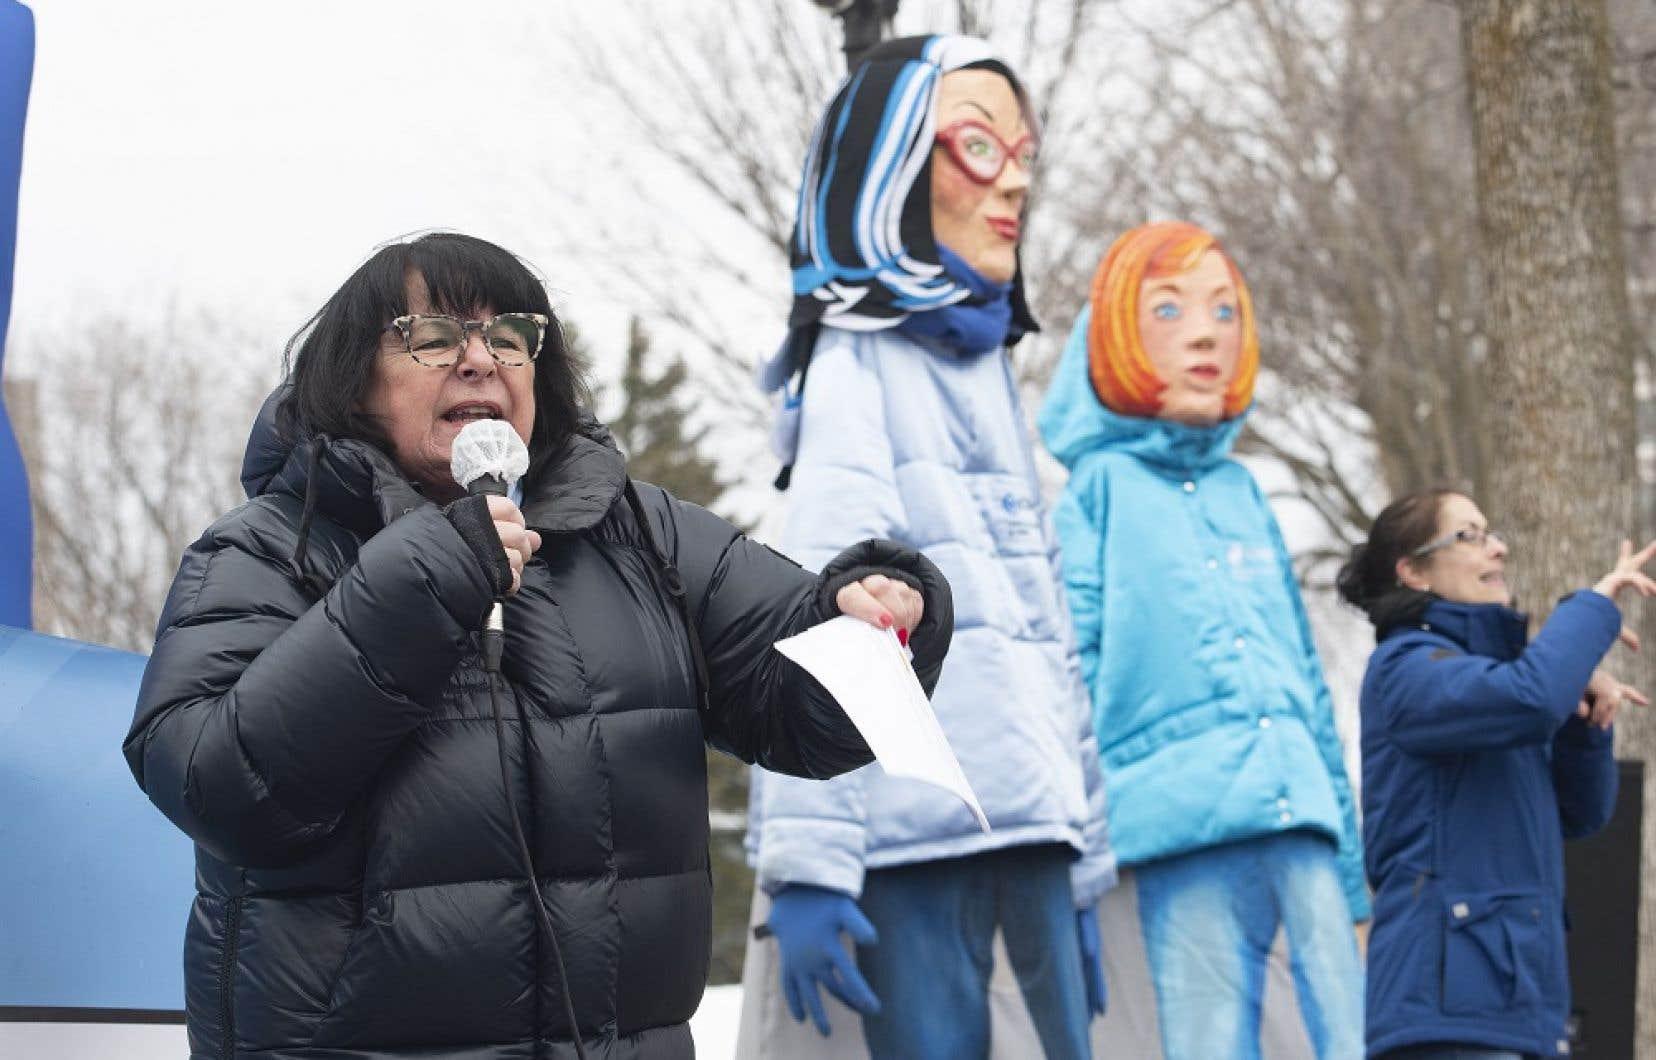 Le 18 mars dernier, la présidente Sonia Éthier et des membres de la CSQ ont manifesté devant l'Assemblée nationale du Québec.